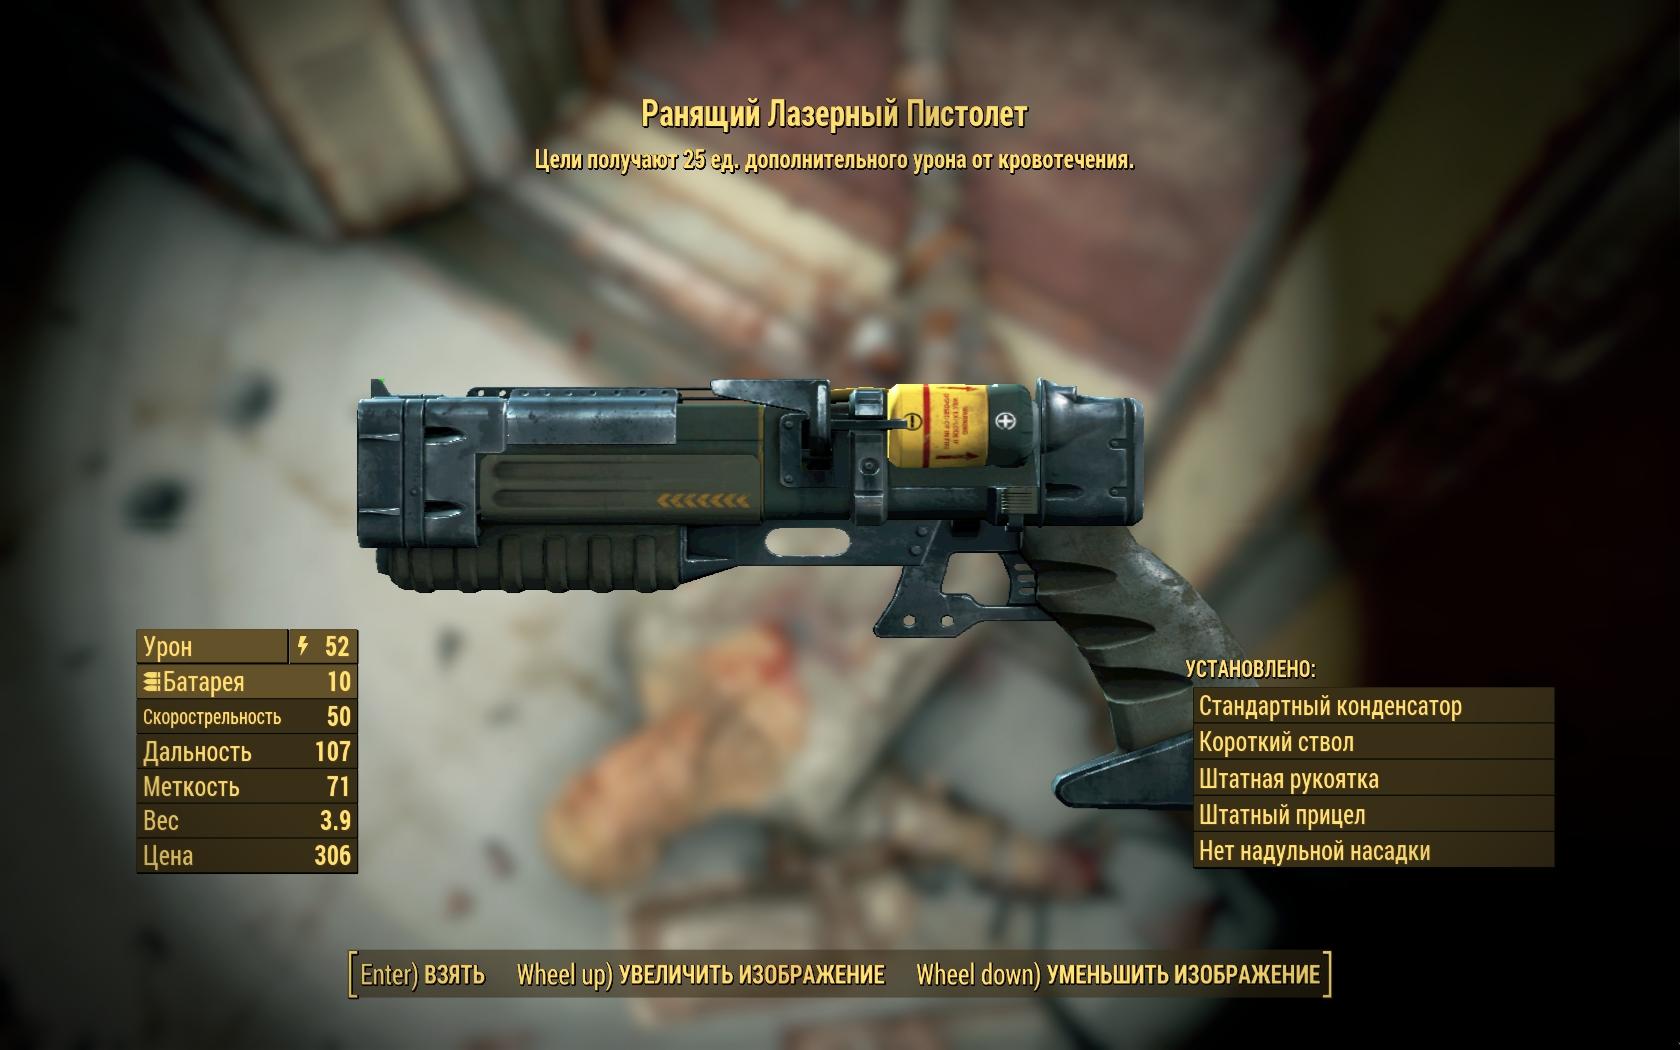 Ранящий лазерный пистолет - Fallout 4 Оружие